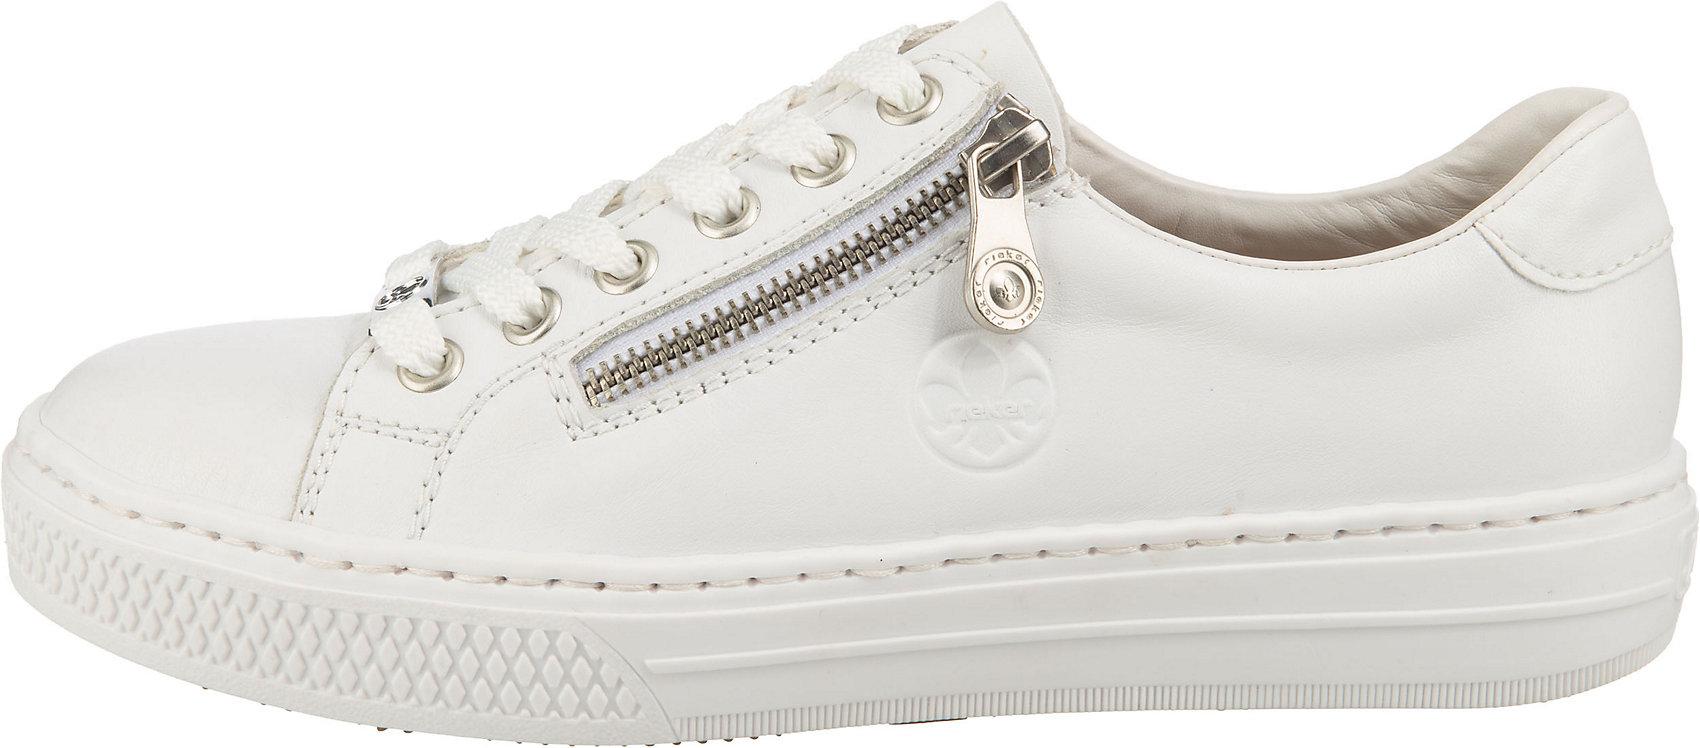 Indexbild 9 - Neu rieker Sneakers Low 17444045 für Damen weiß